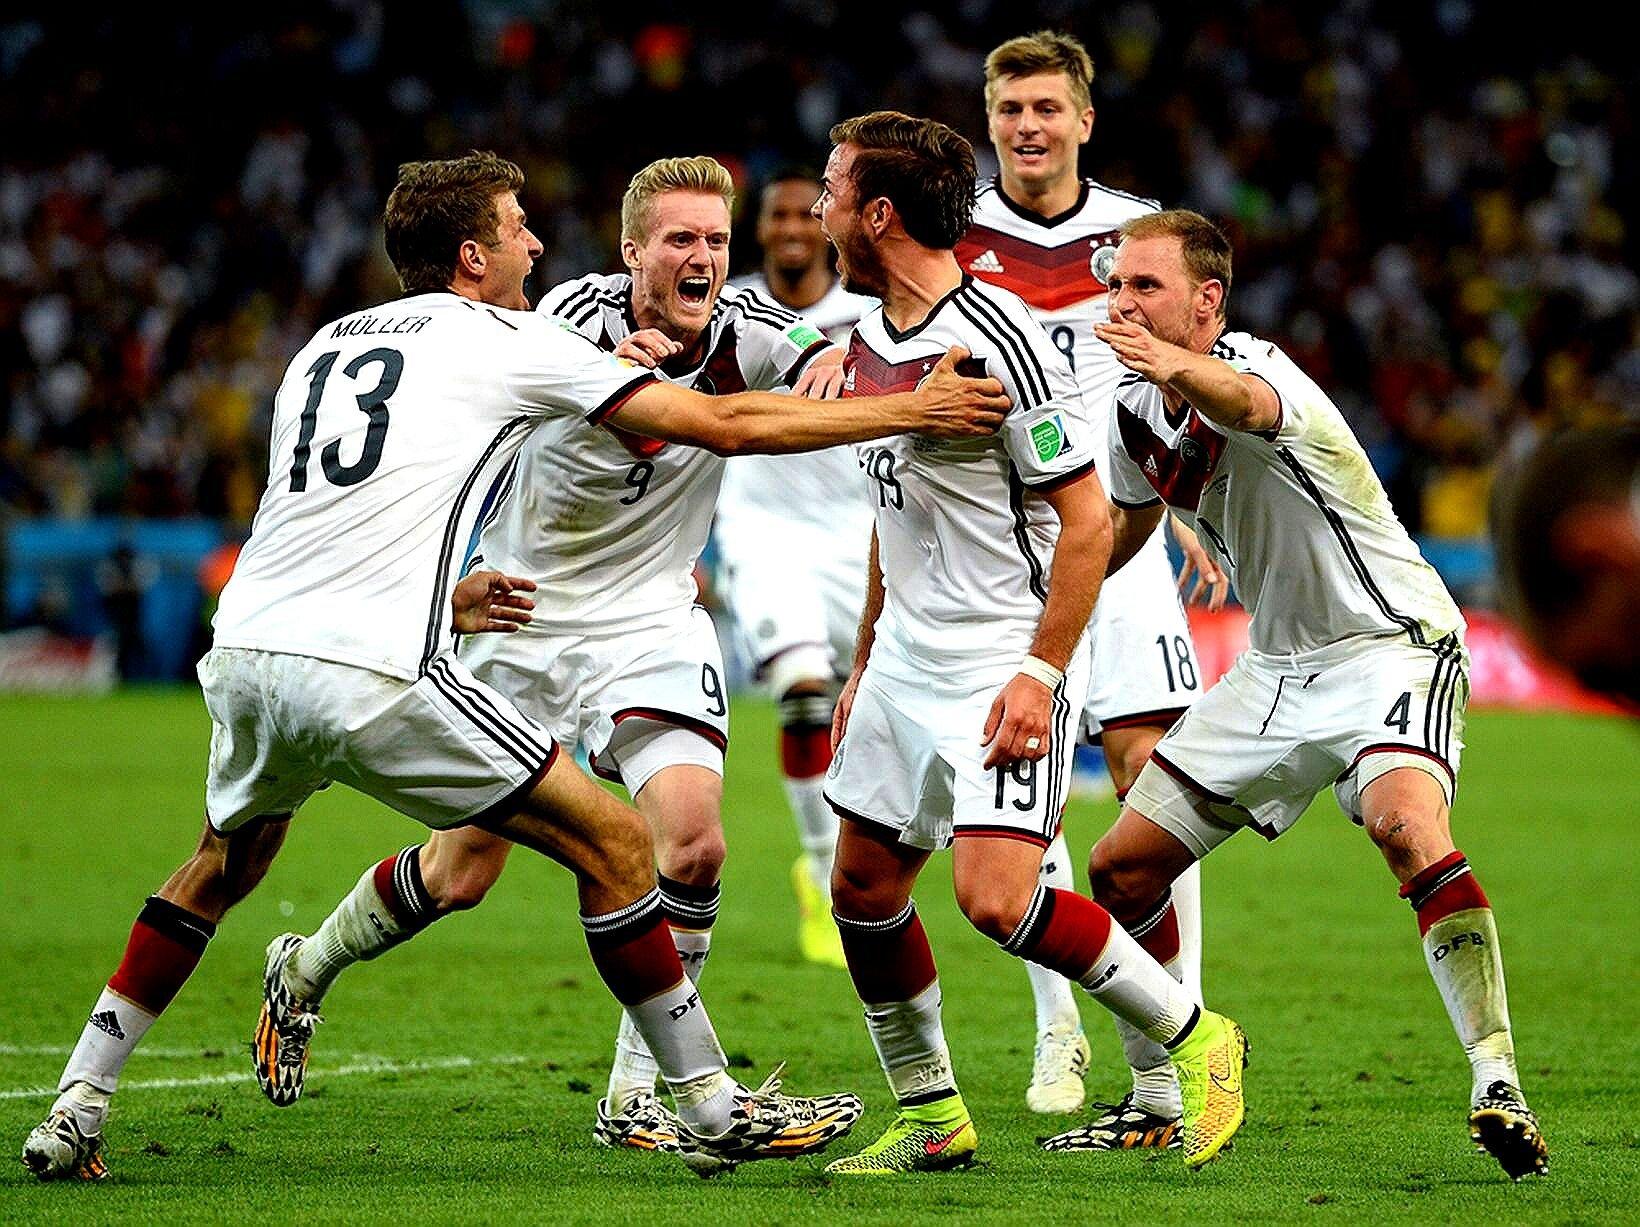 картинки про немецкий футбол очень важный